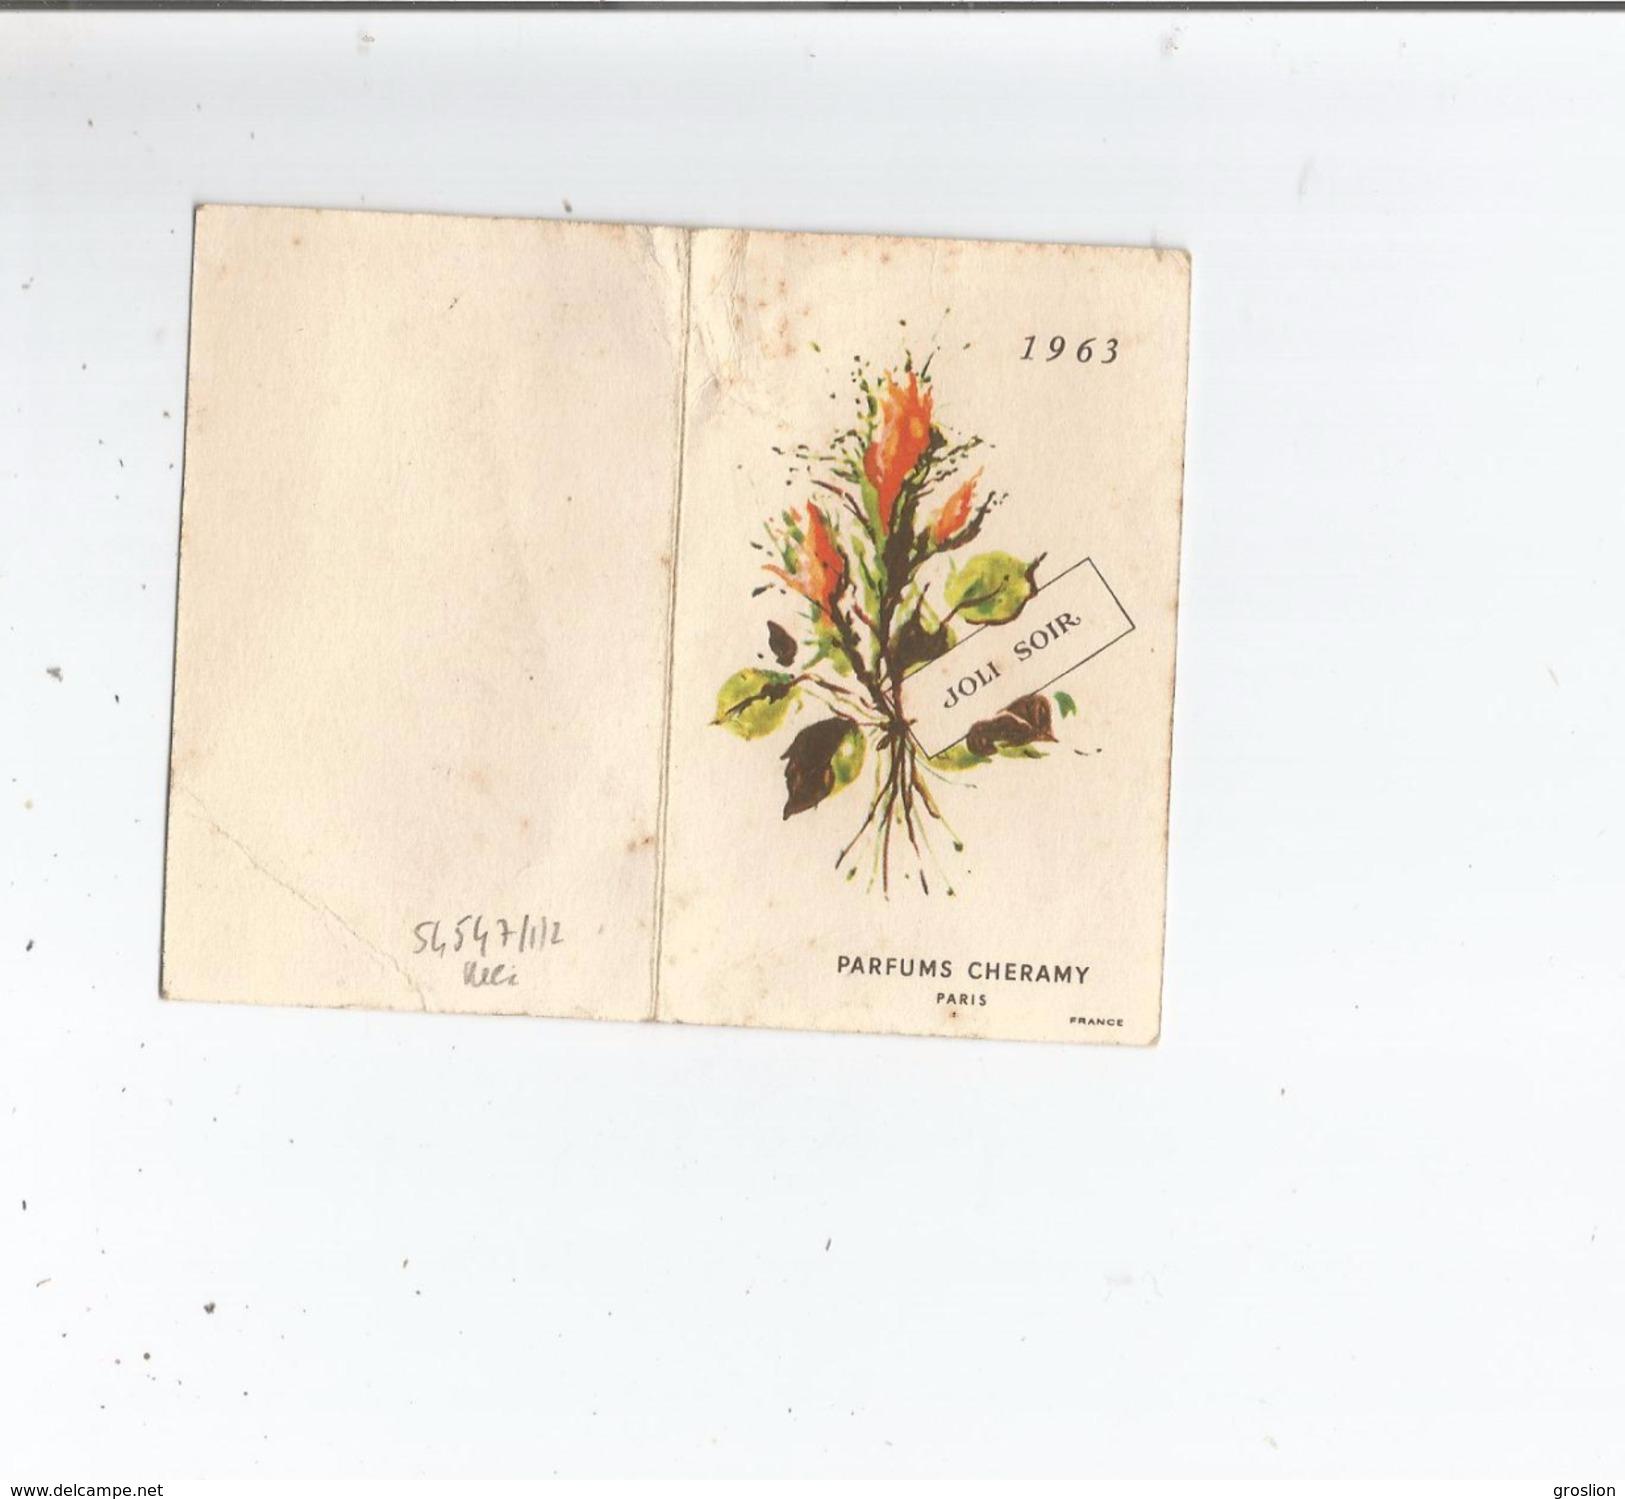 CARTE PARFUMEE CALENDRIER  JOLI SOIR PARFUMS CHERAMY PARIS 1963 - Perfume Cards